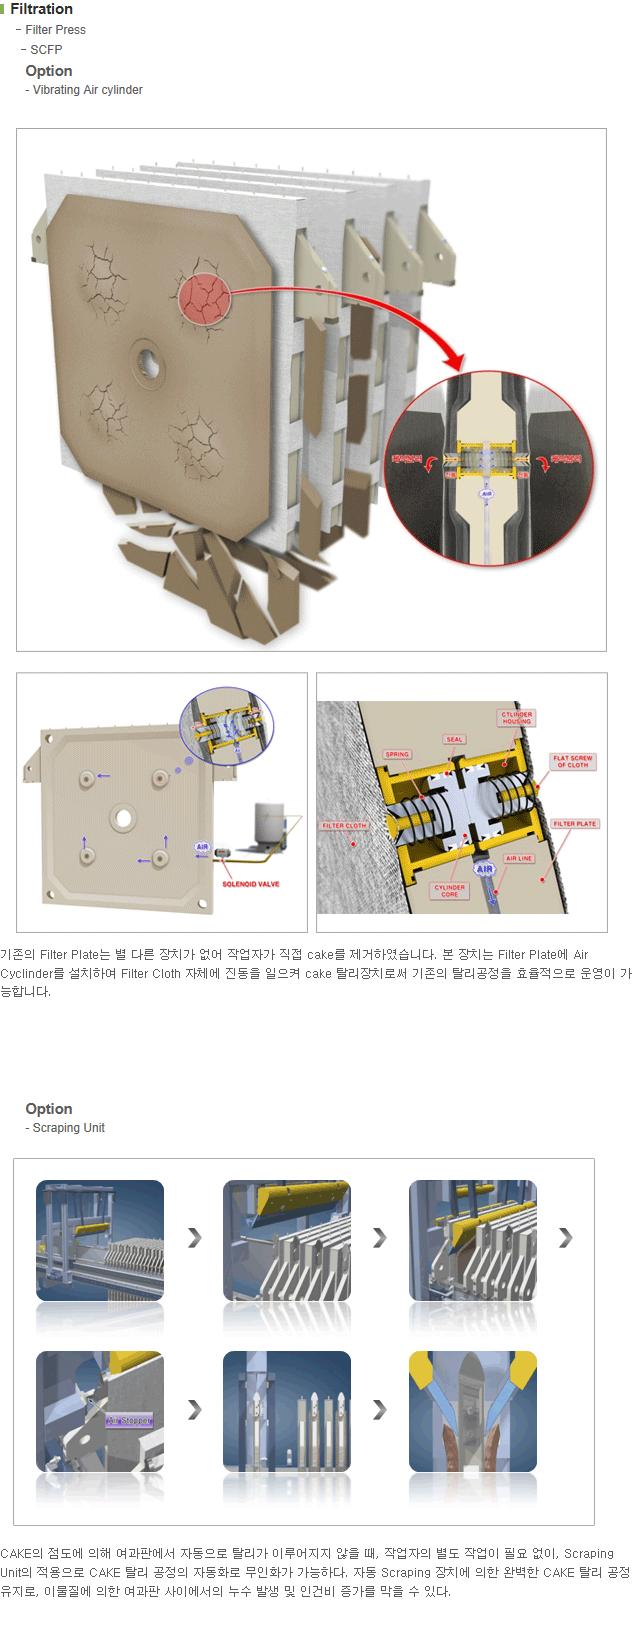 크라텍(주) Side Bar Type Filter Press SCFP 4